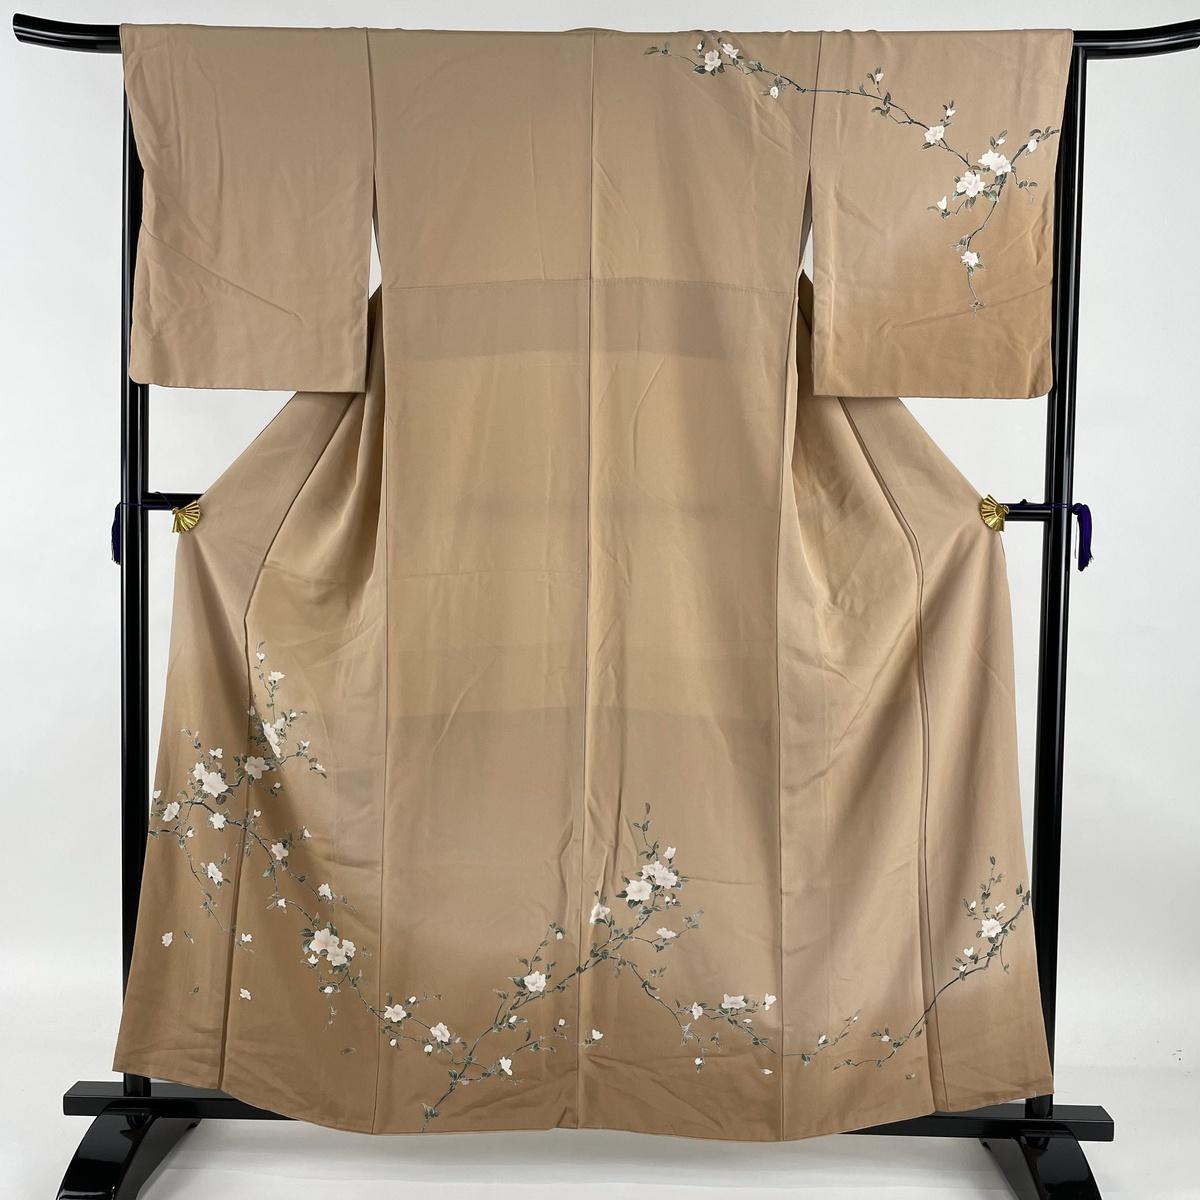 ランクA 着物 リサイクル 送料無料限定セール中 送料無料 訪問着 美品 信憑 秀品 やまと 上品 中古 薄茶色 身丈159cm 袷 M 裄丈66cm 枝花 正絹 ぼかし